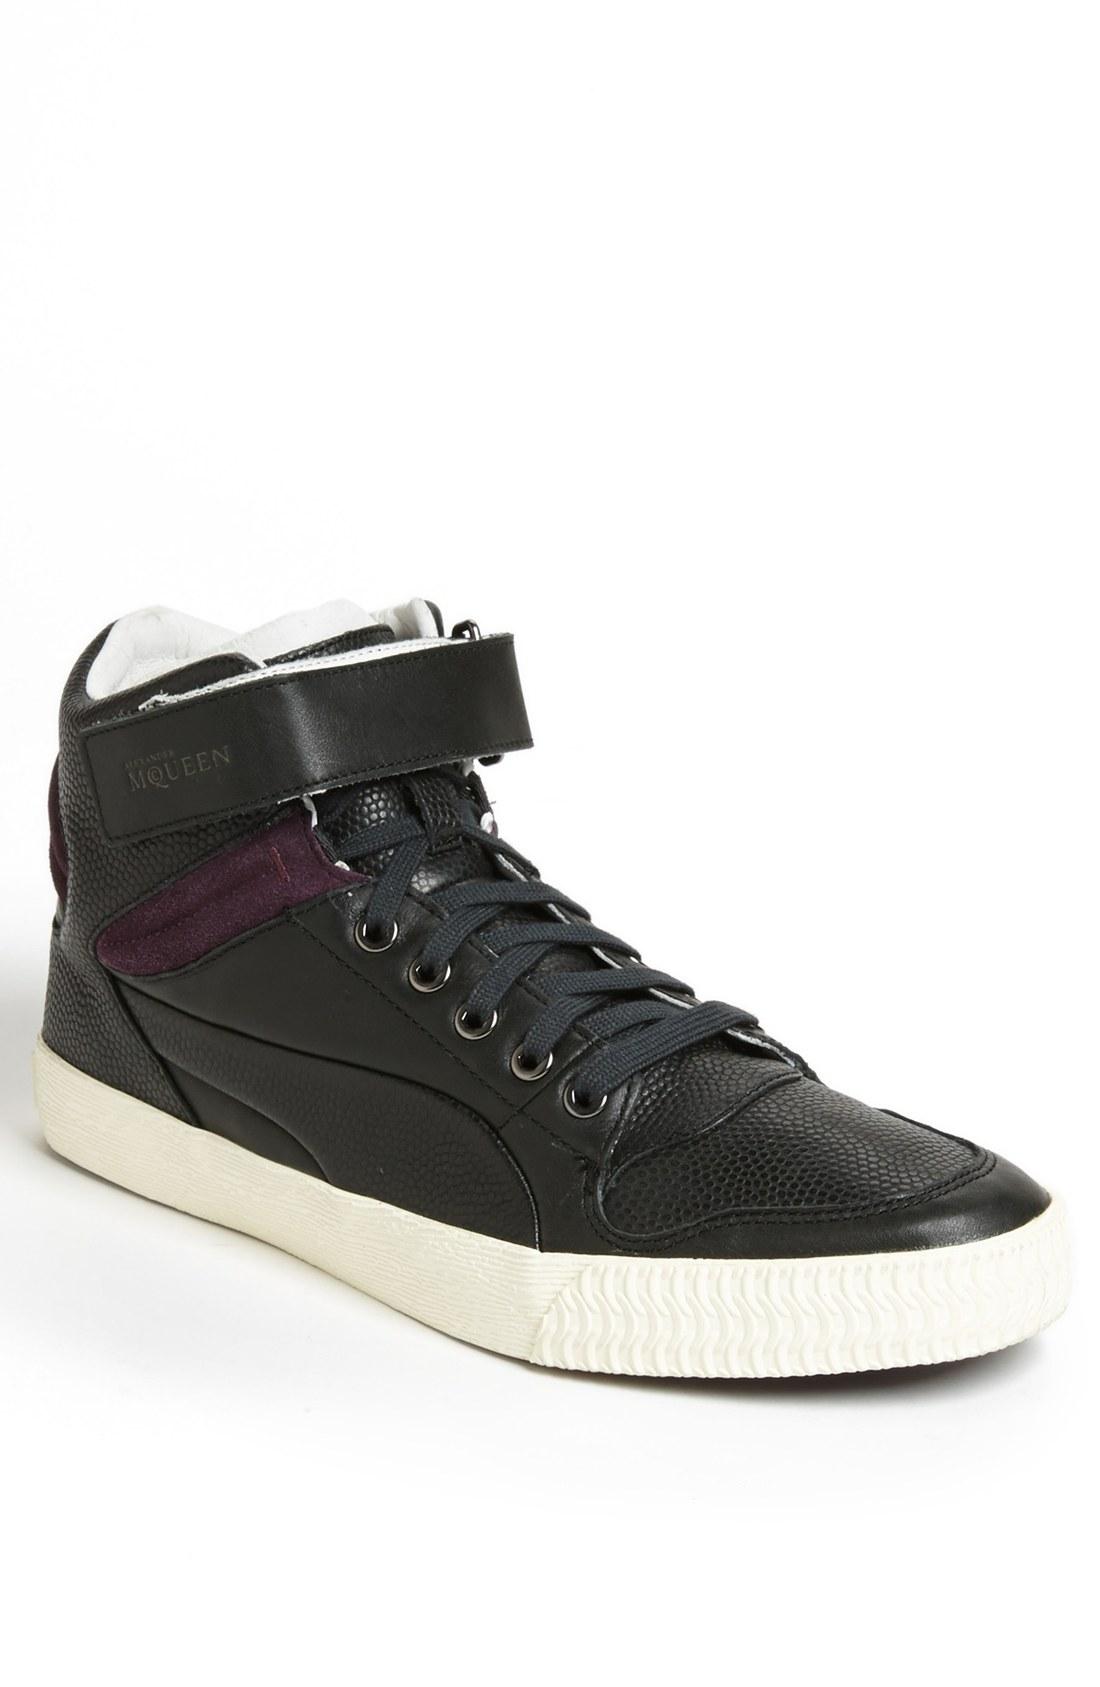 puma alexander mcqueen sneakers